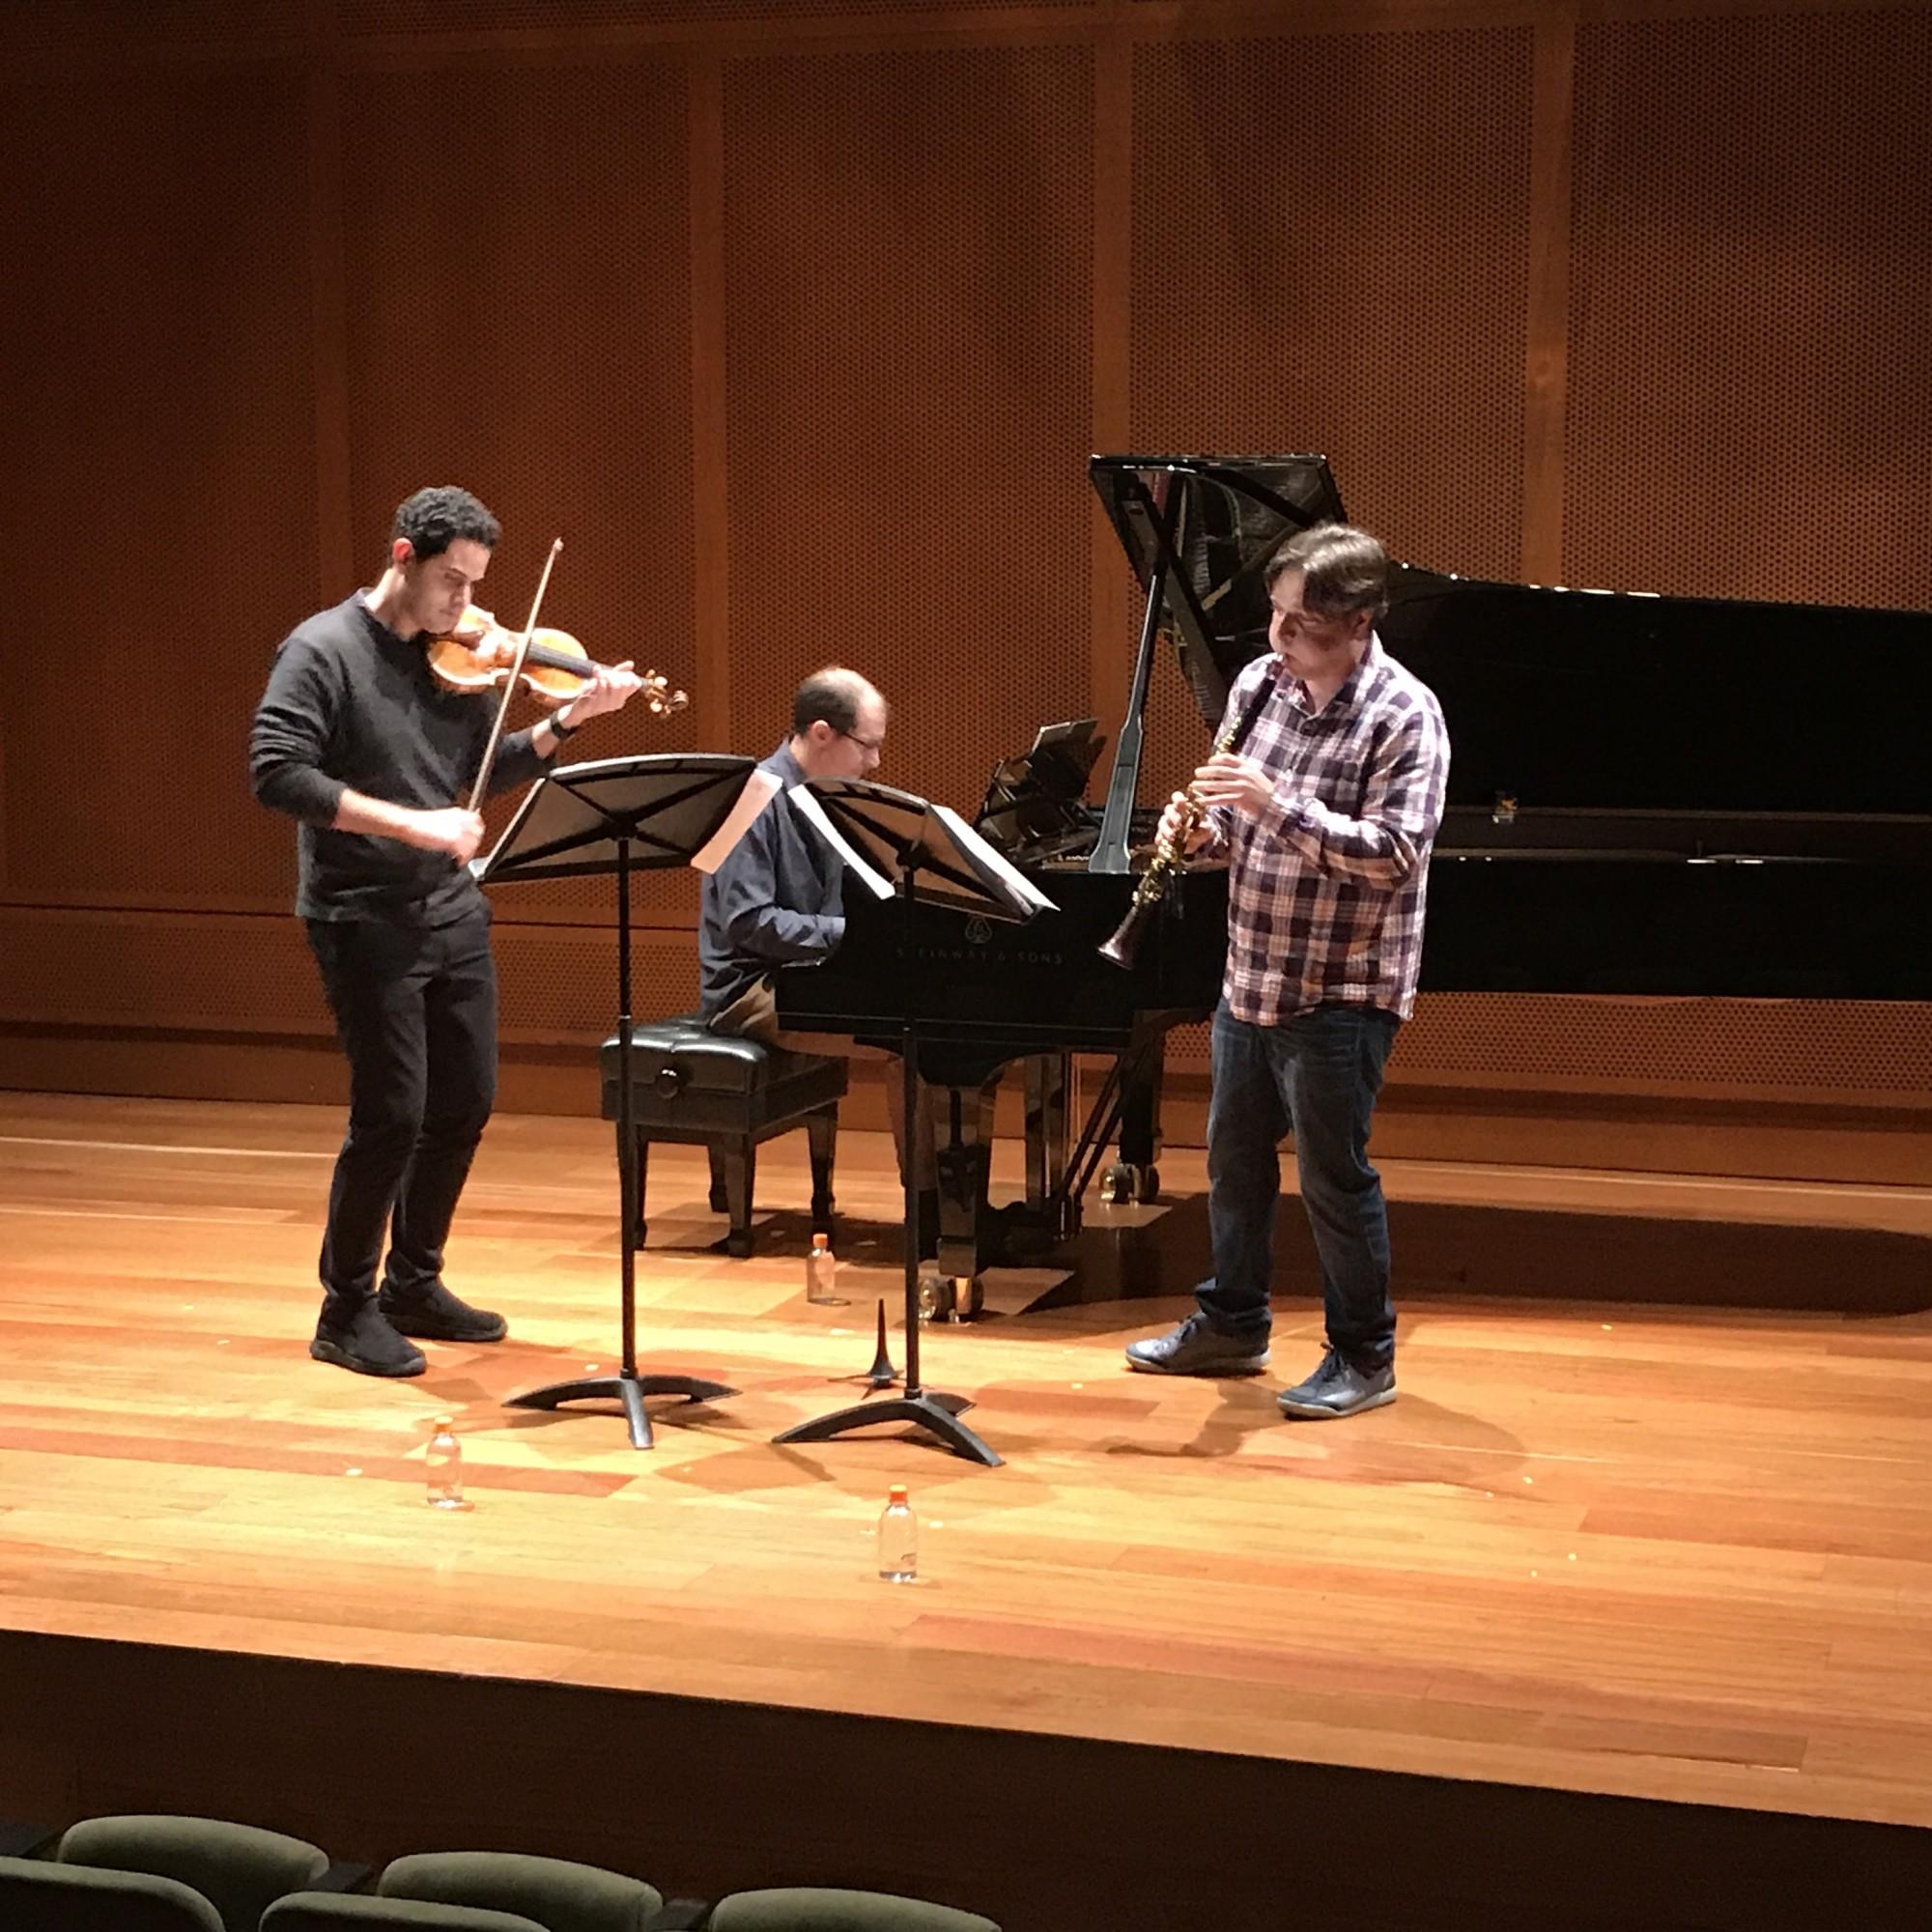 Violinist Arnaud Sussman, pianist Gilles Vonsattel, and clarinetist Jose Franch-Ballester rehearse.